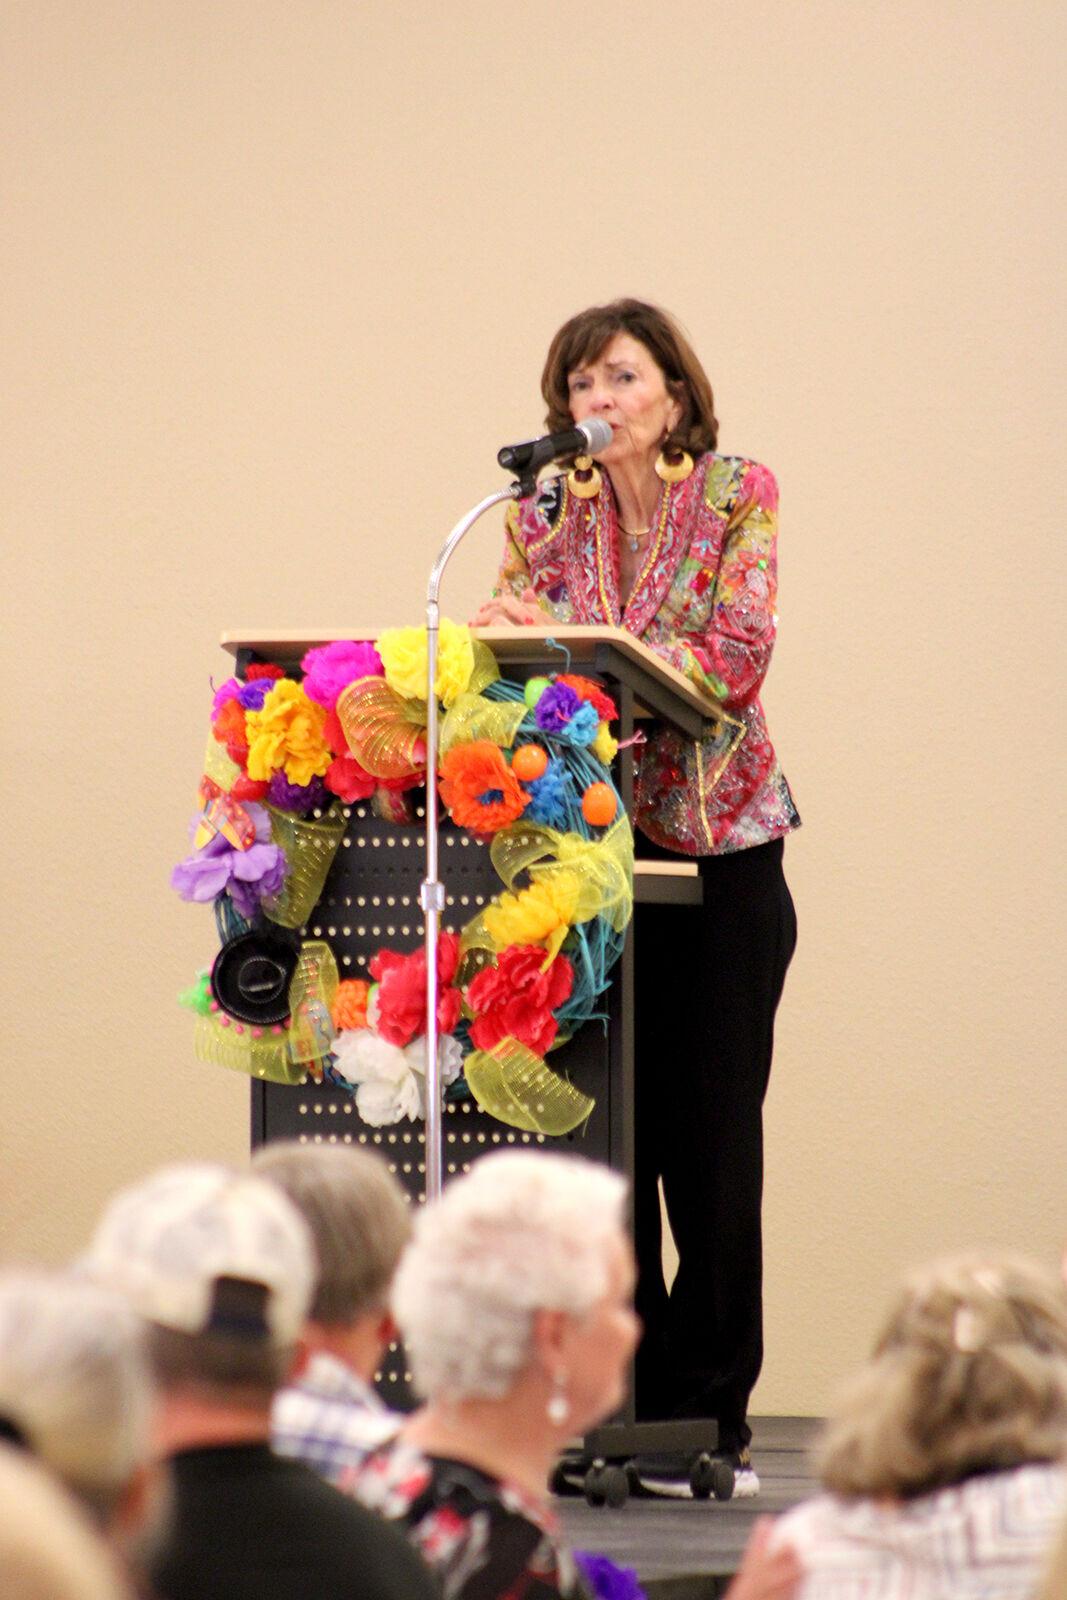 Cheryl Sieker